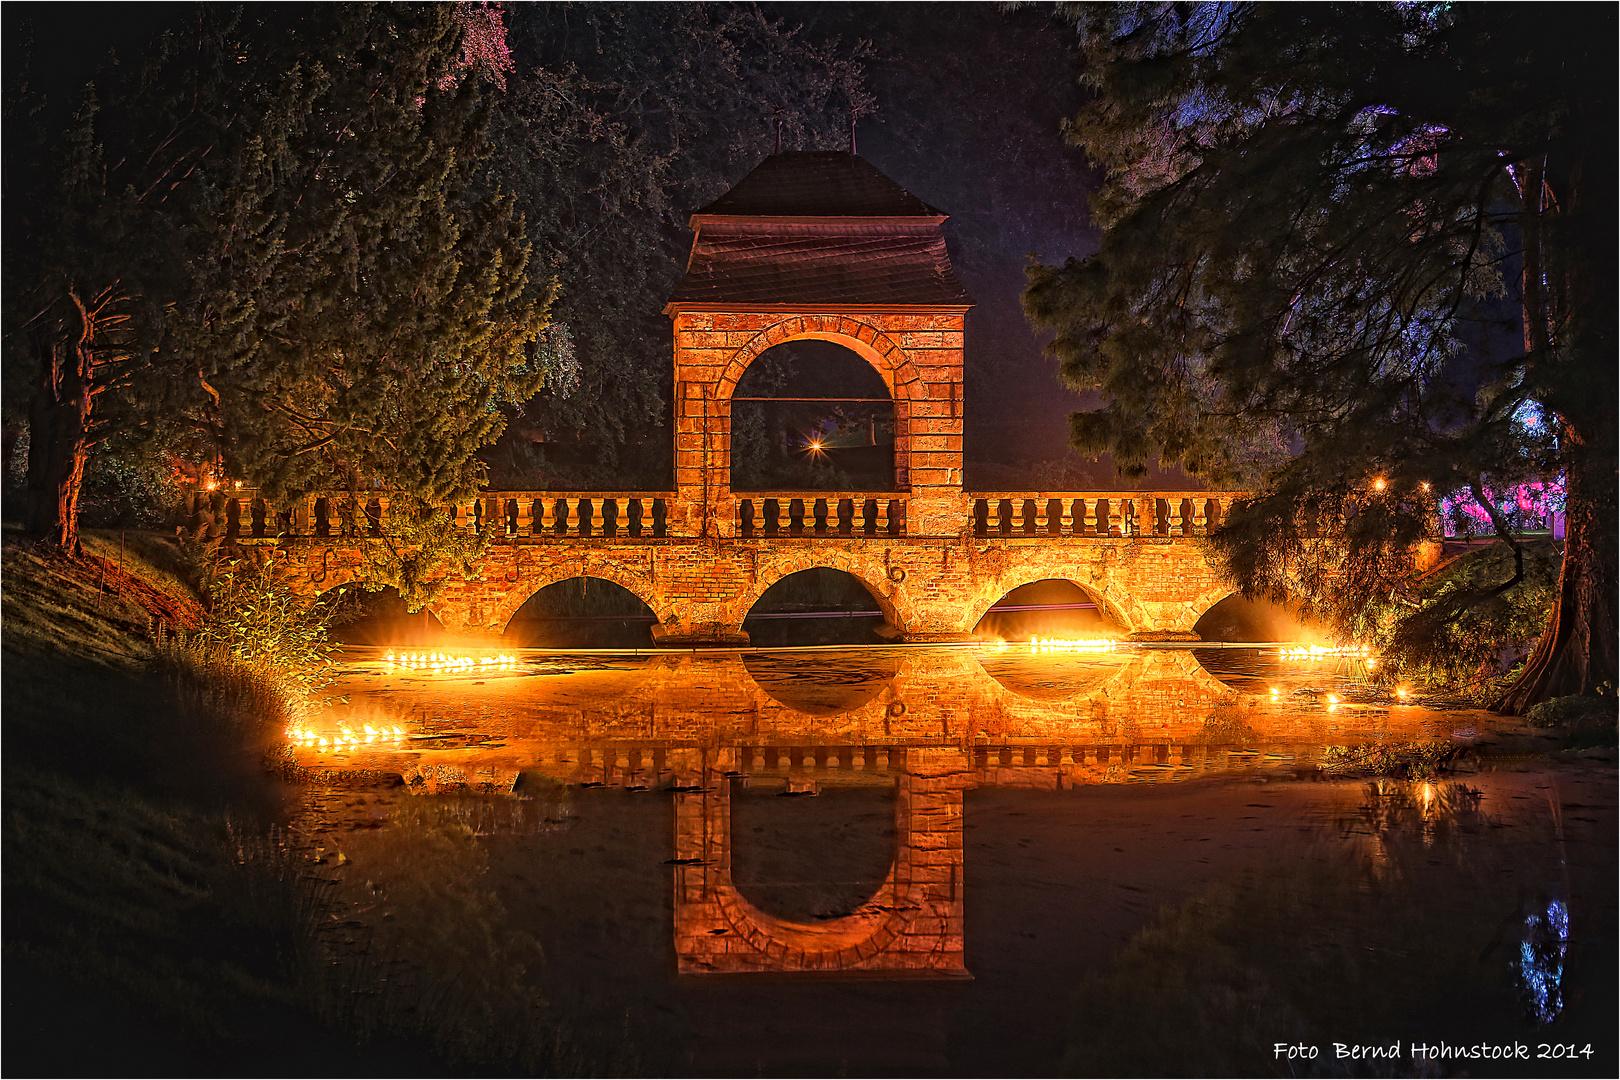 Hochzeitsbrücke Schloß Dyck zur Illumina 2014